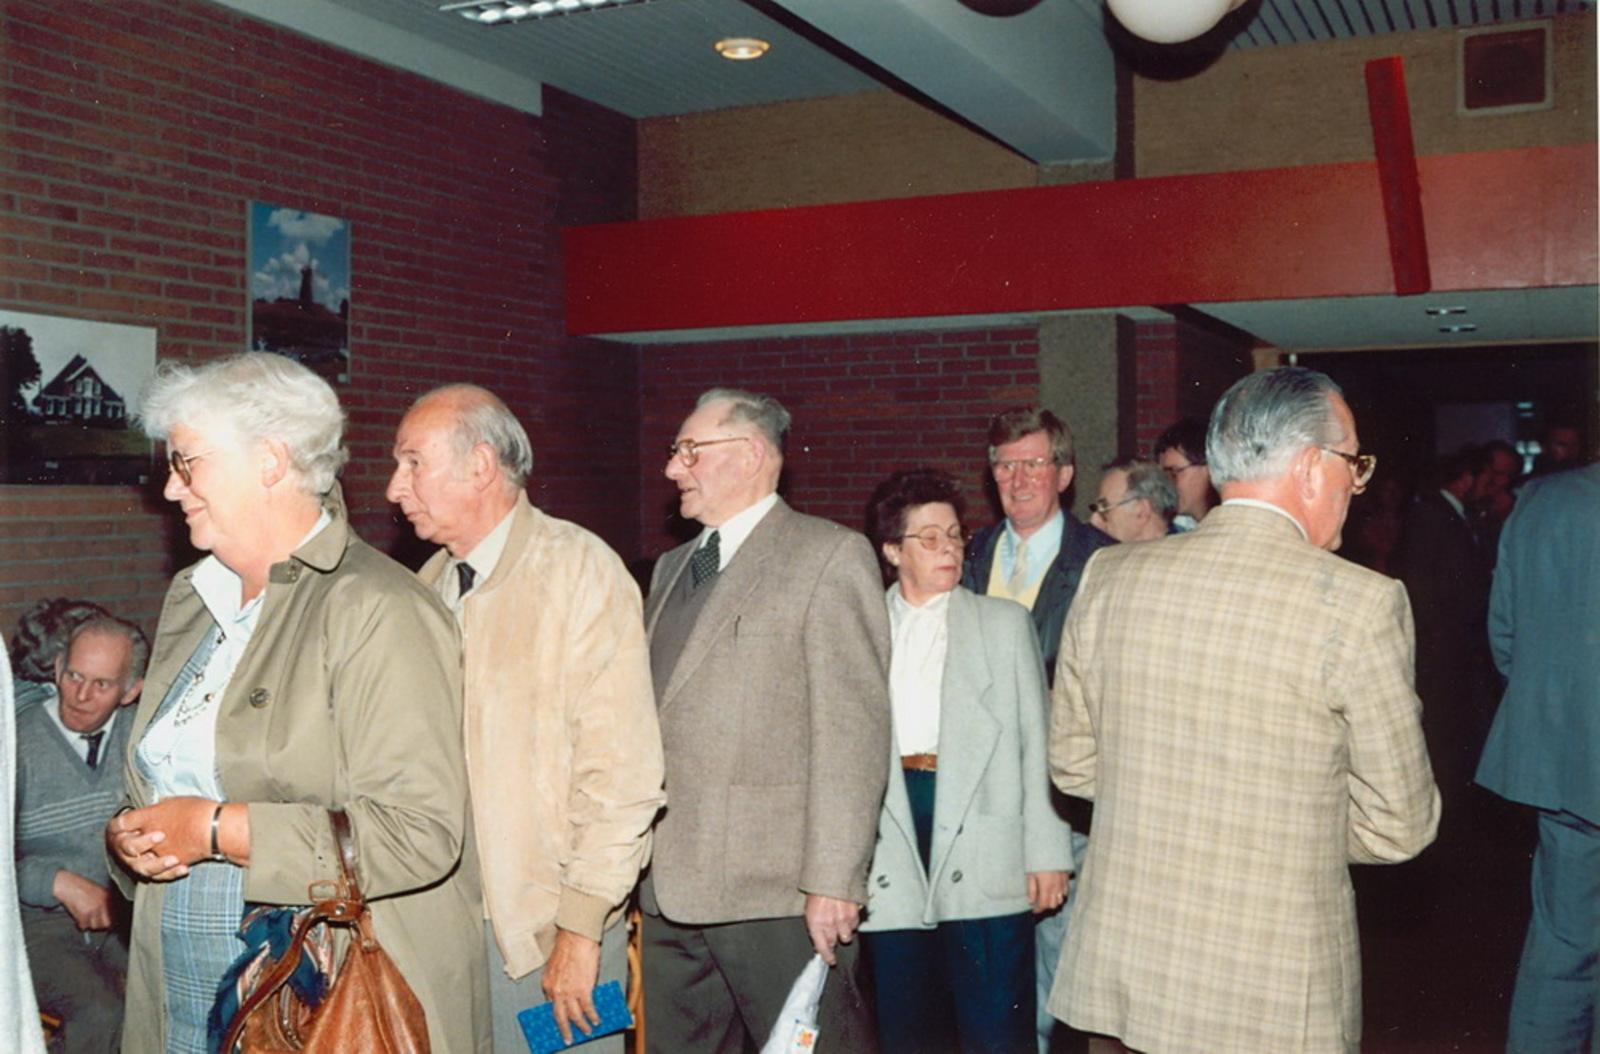 Marktlaan O 0022 1988 Sigarenboer Kraak 50jr Jub en Sluiting 61